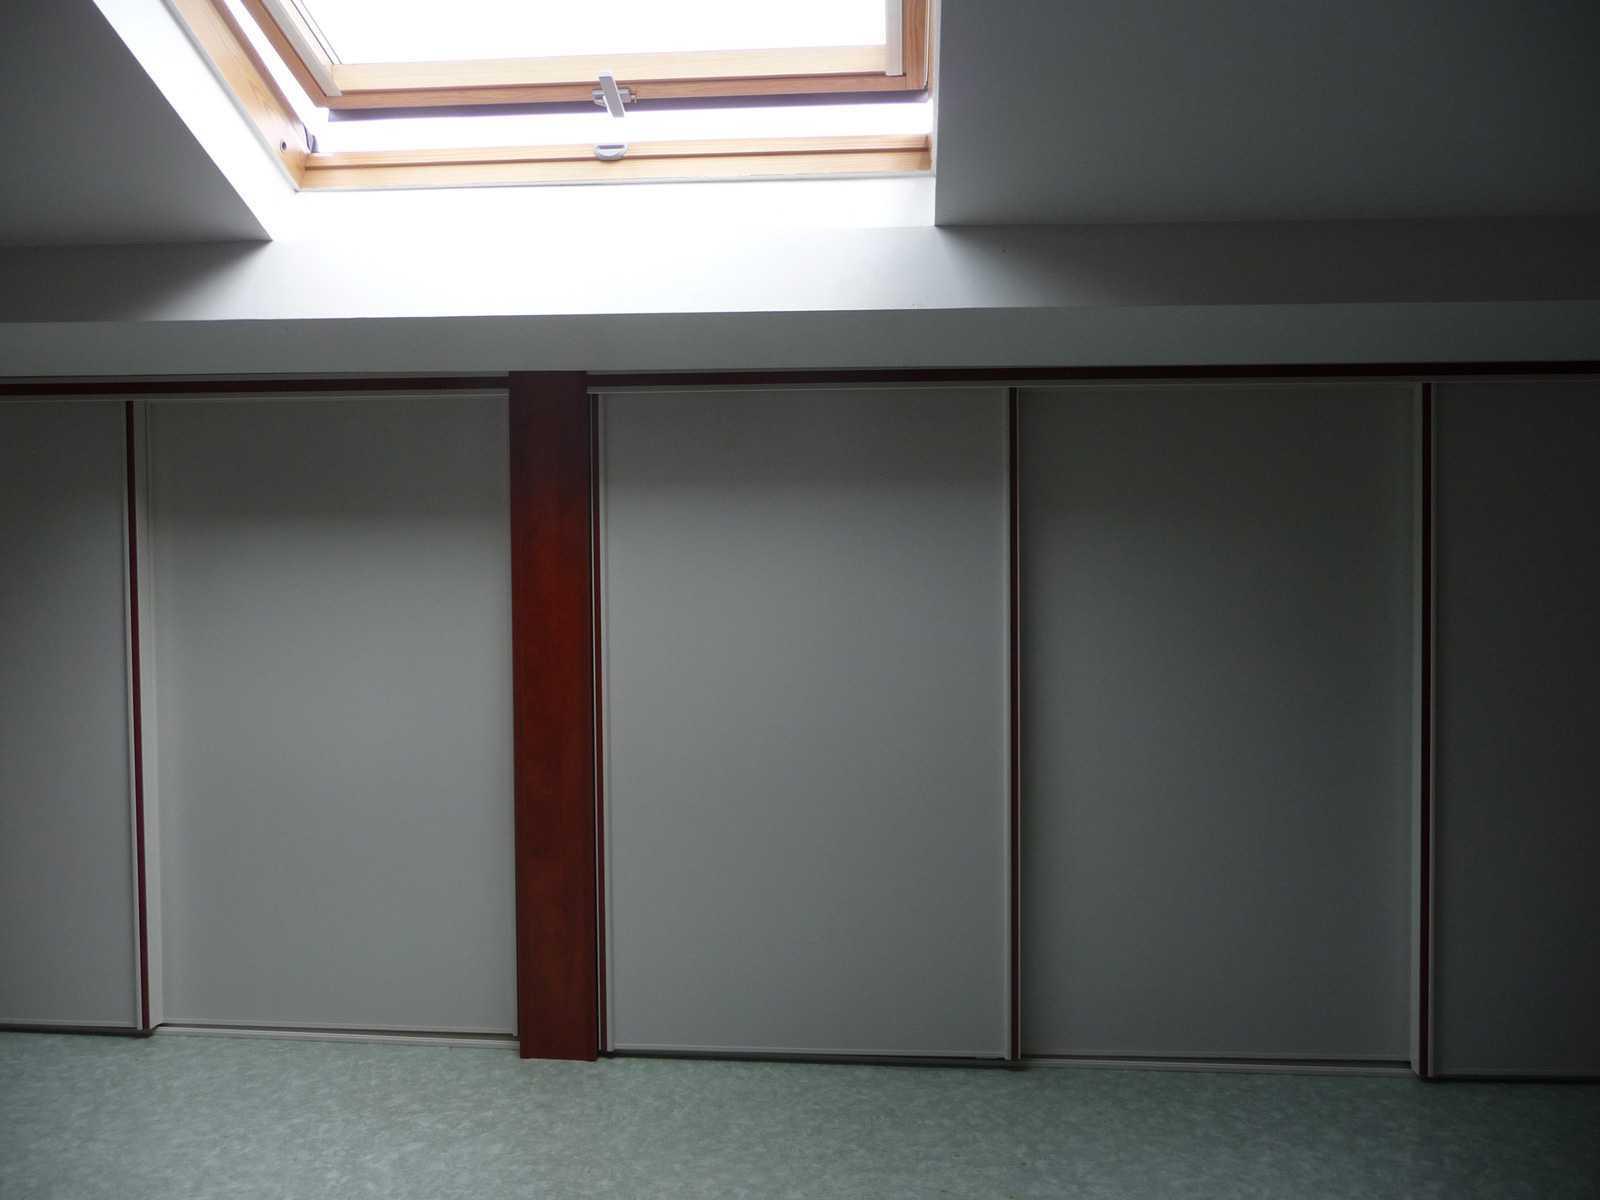 Nos r alisations la maison des bibliotheques for Porte coulissante sous pente laterale